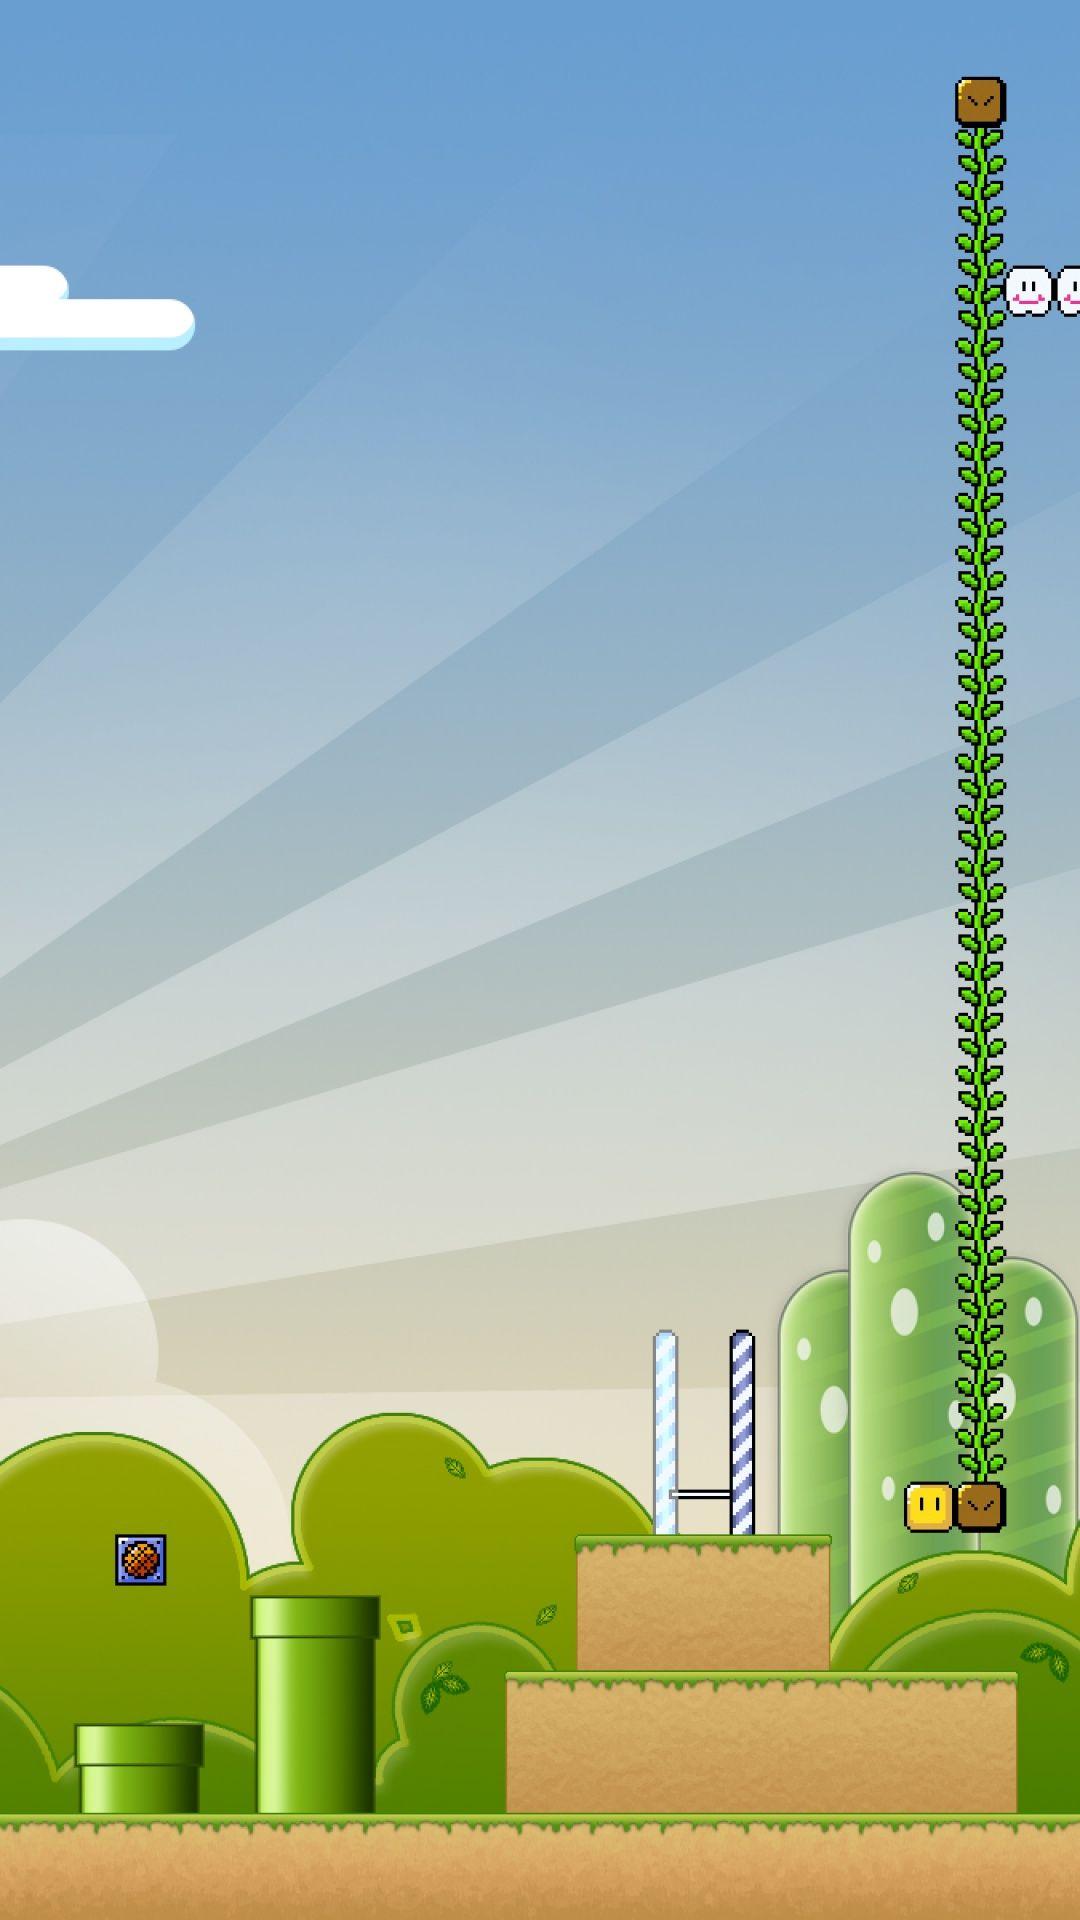 super mario wallpaper | Super Mario Iphone Wallpaper | Pinterest